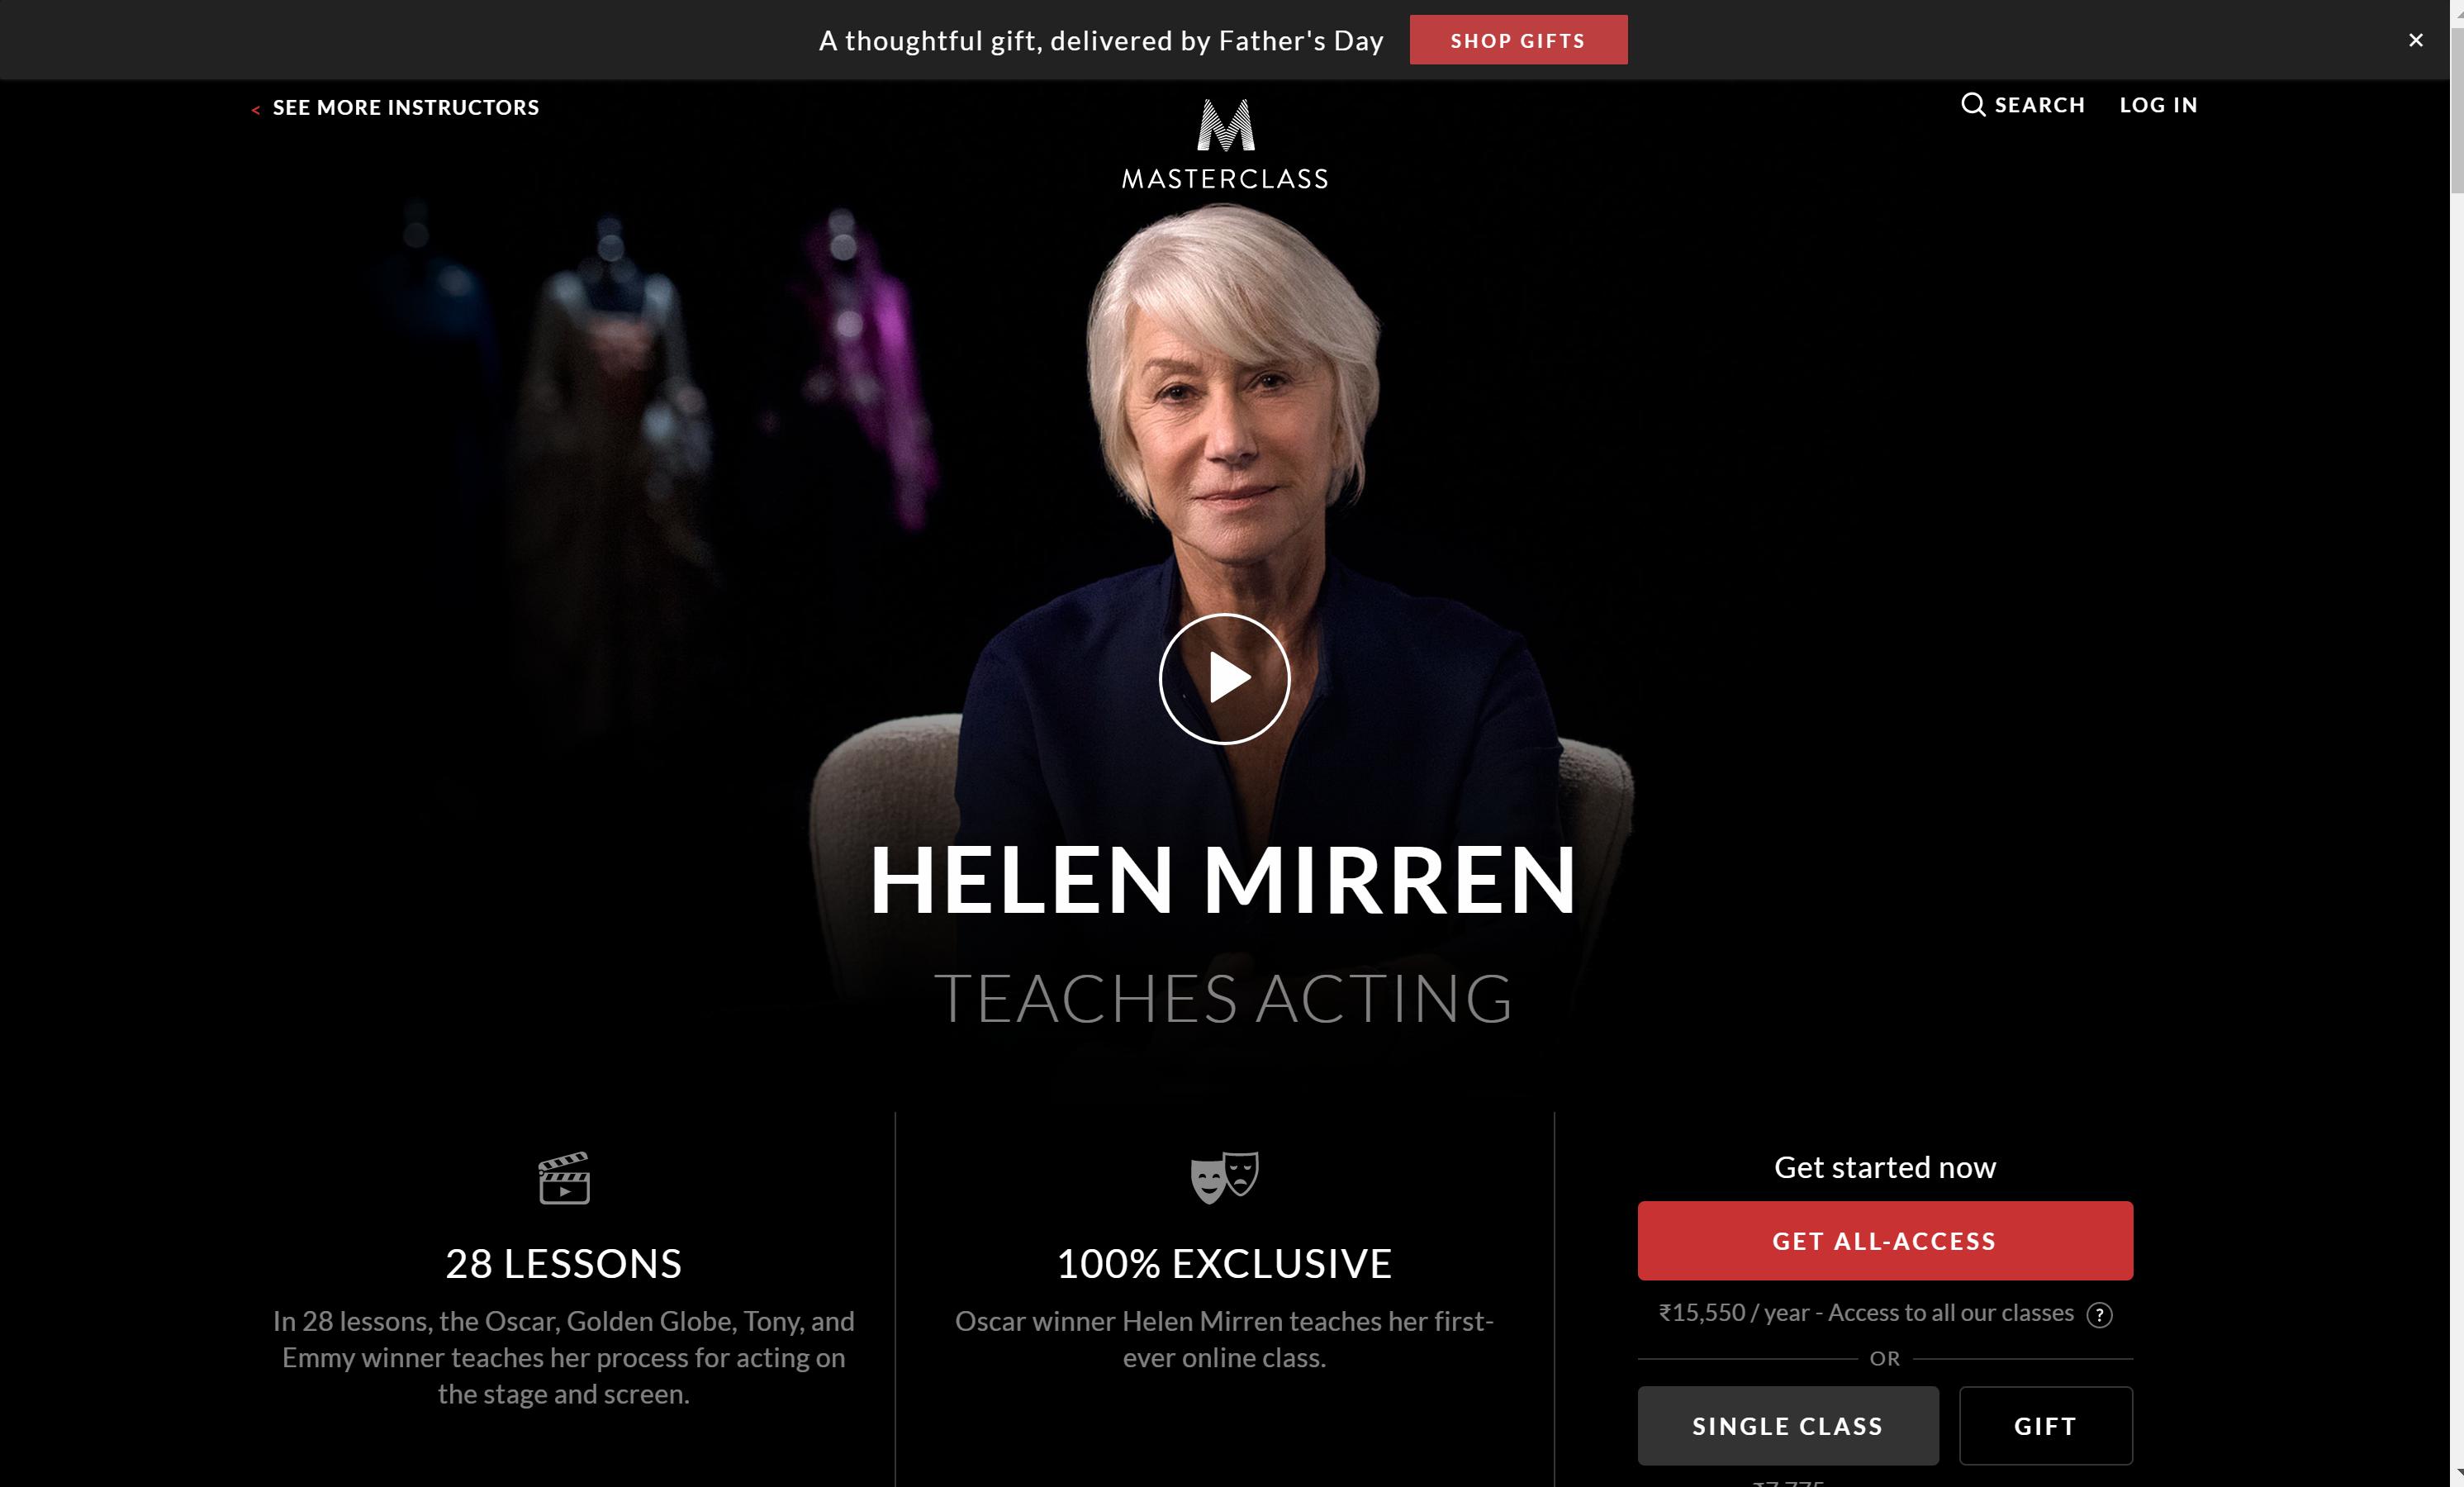 Helen Mirren Teaching Masterclass review